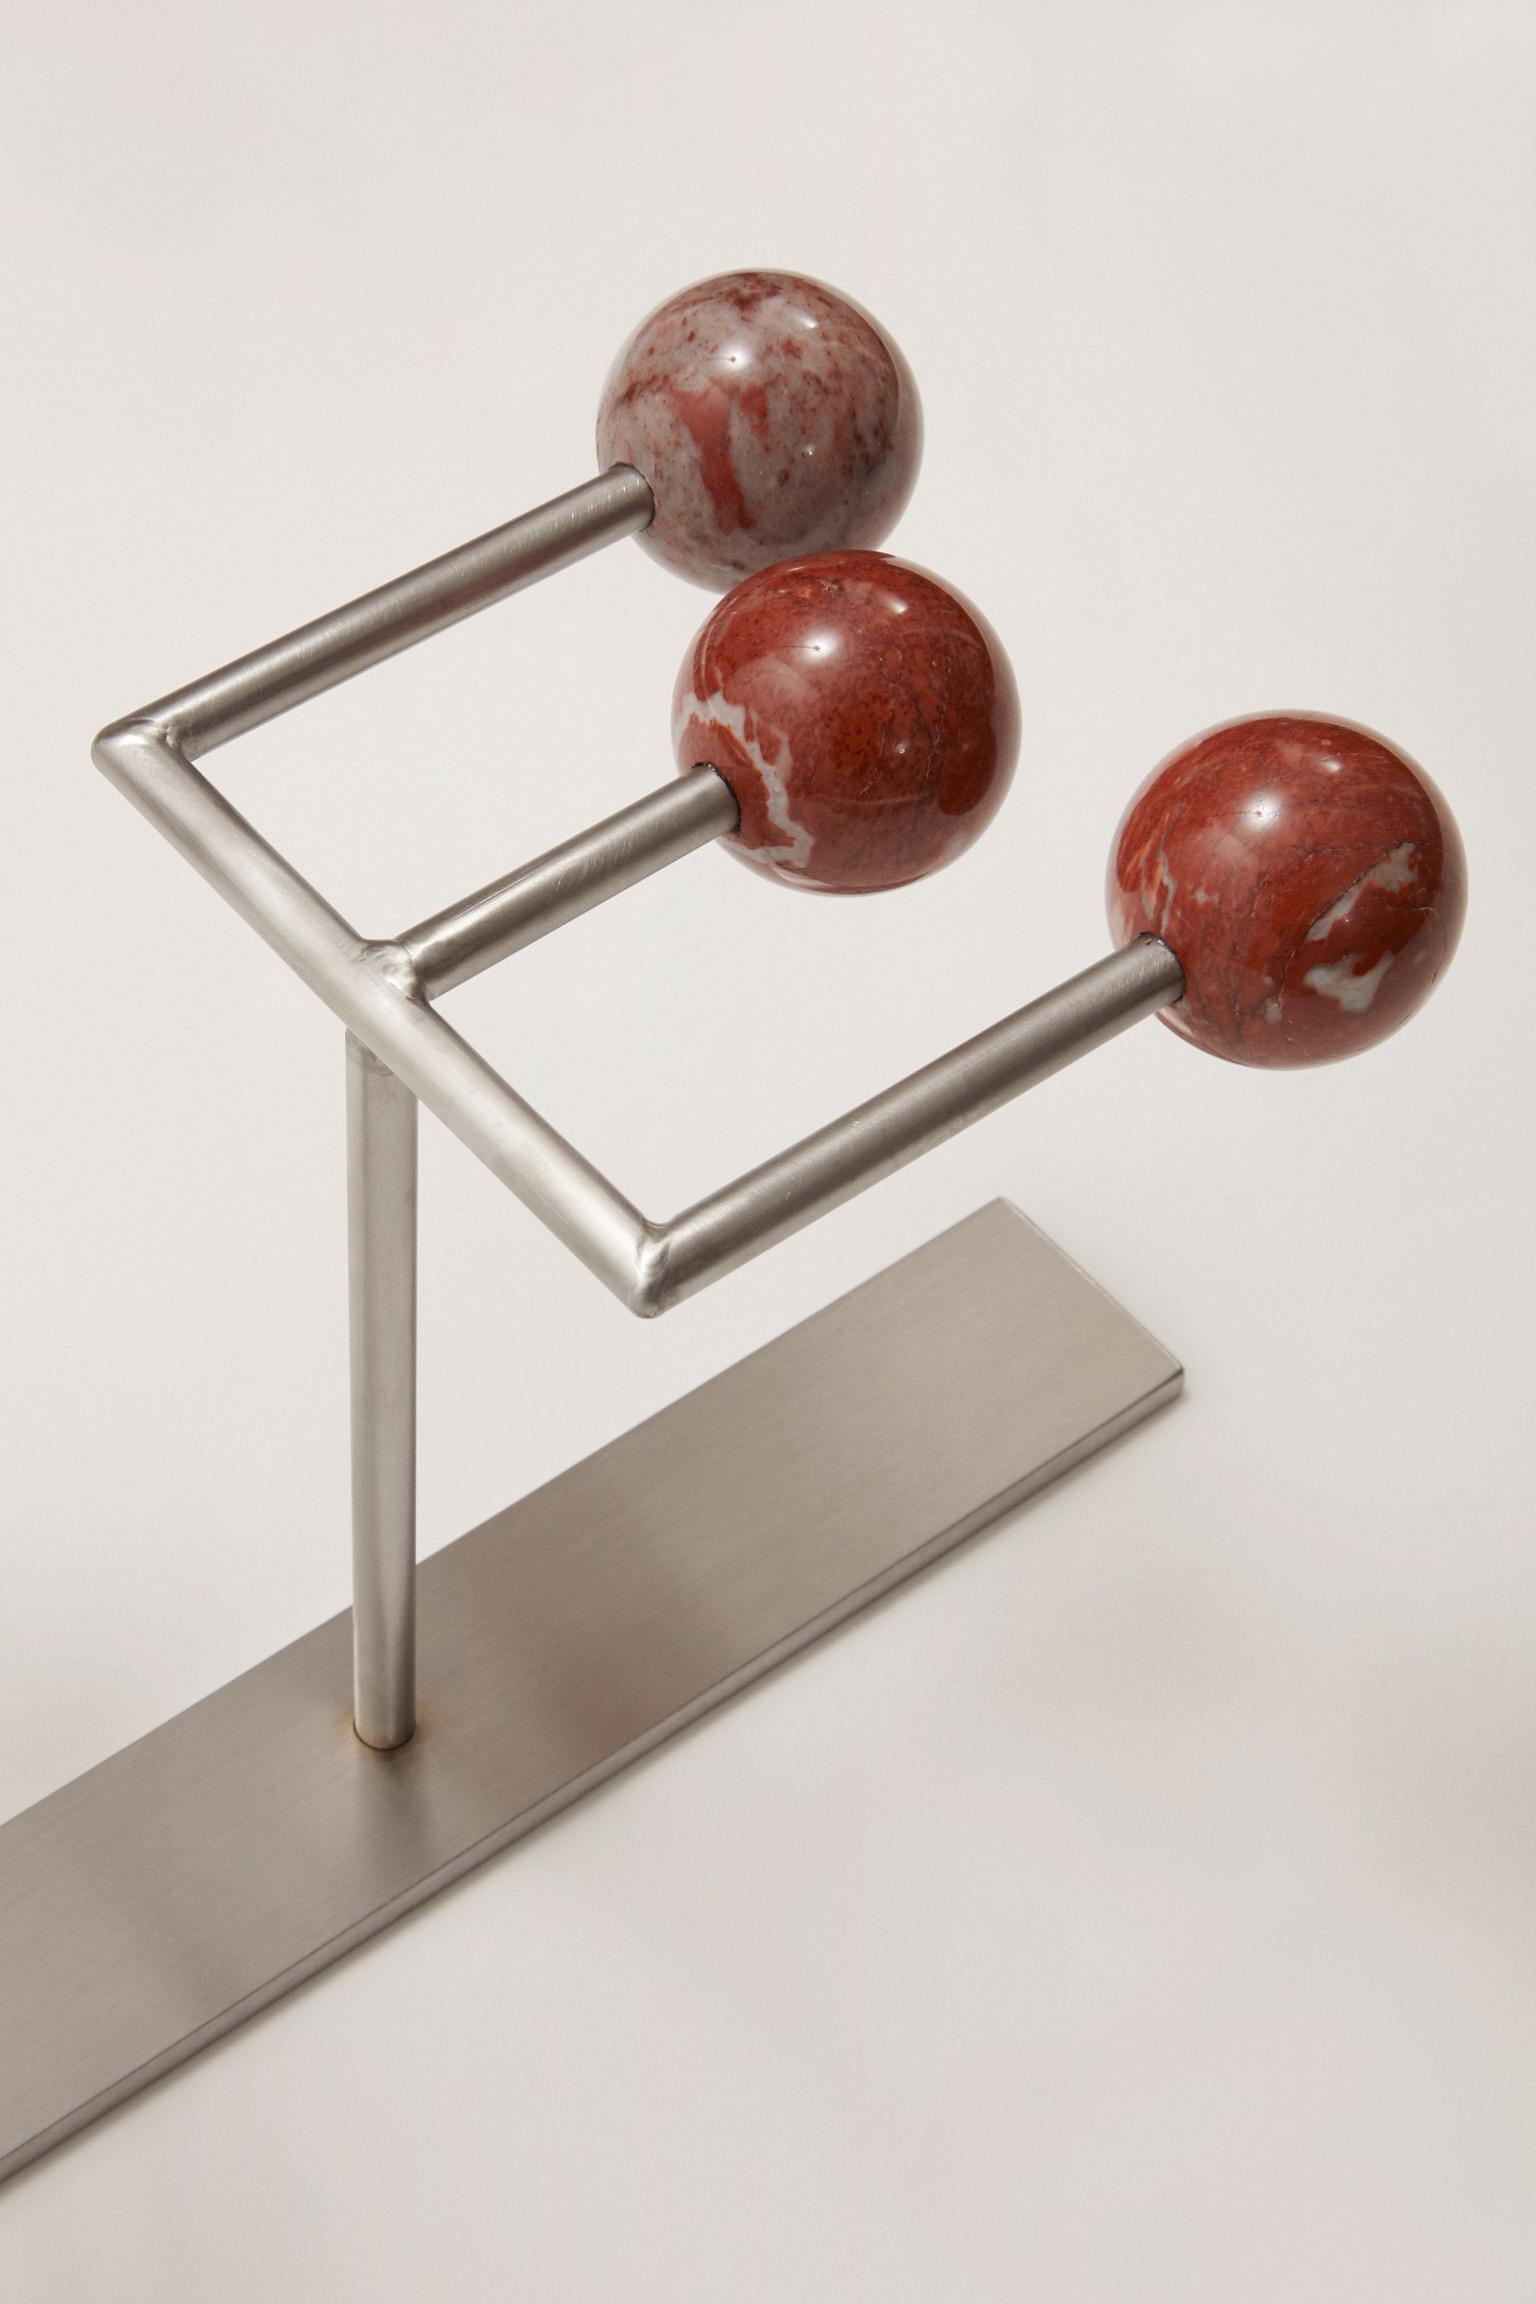 Michele Chiossi 15-LOVE (det), 2017 marmo rosso Francia Languedoc Classico, acciaio  95x18x16 cm macchina da musica dot punto eams ombra